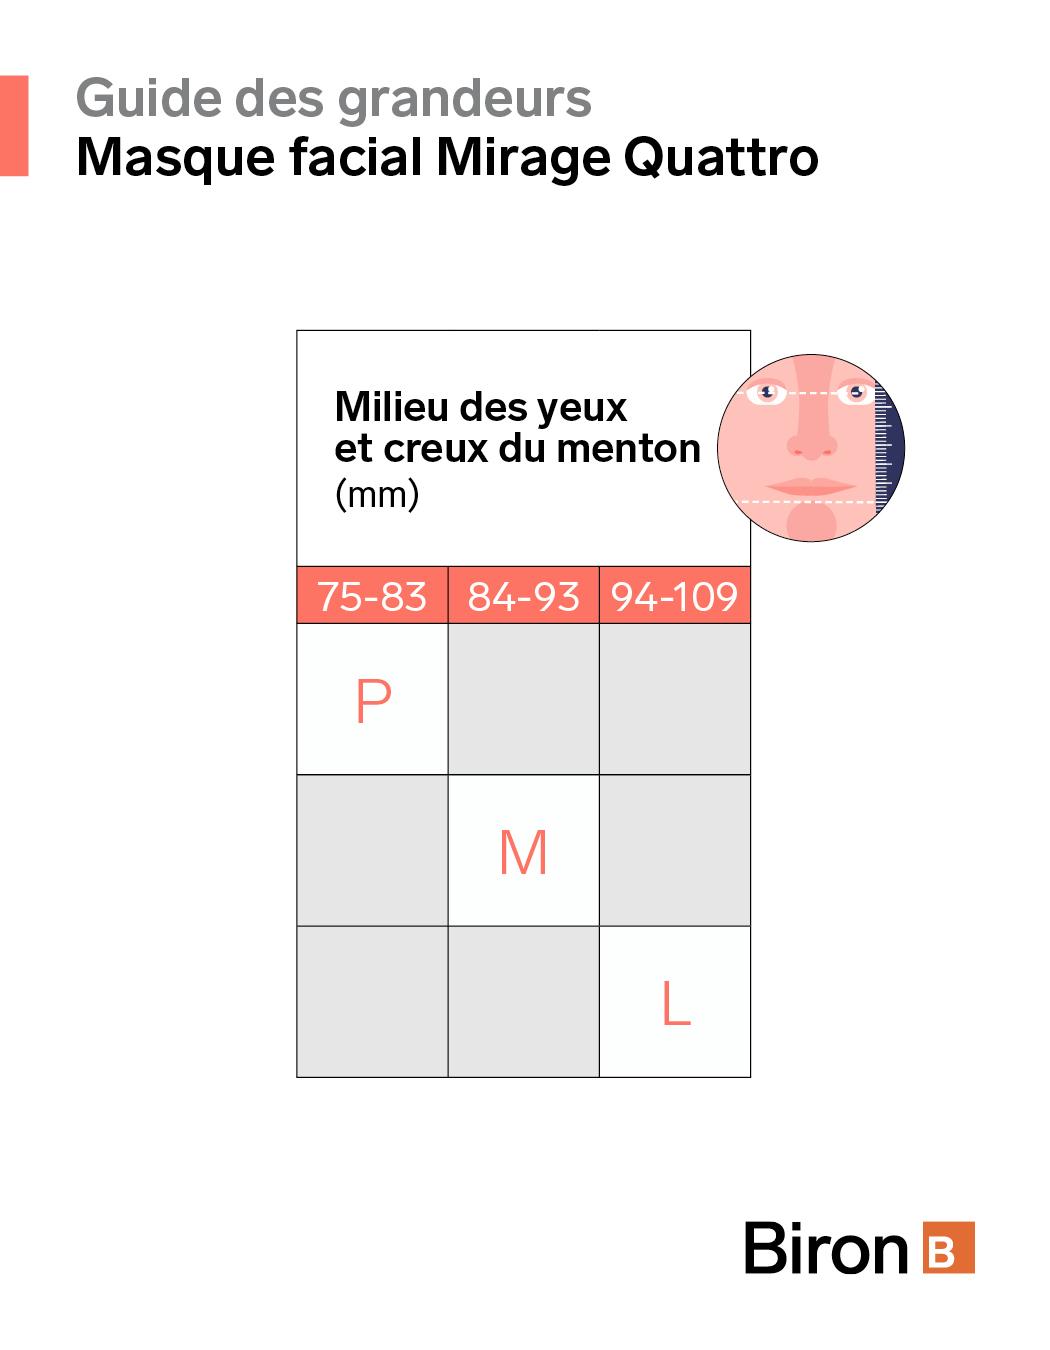 Gabarit grandeur Masque facial Mirage Quattro